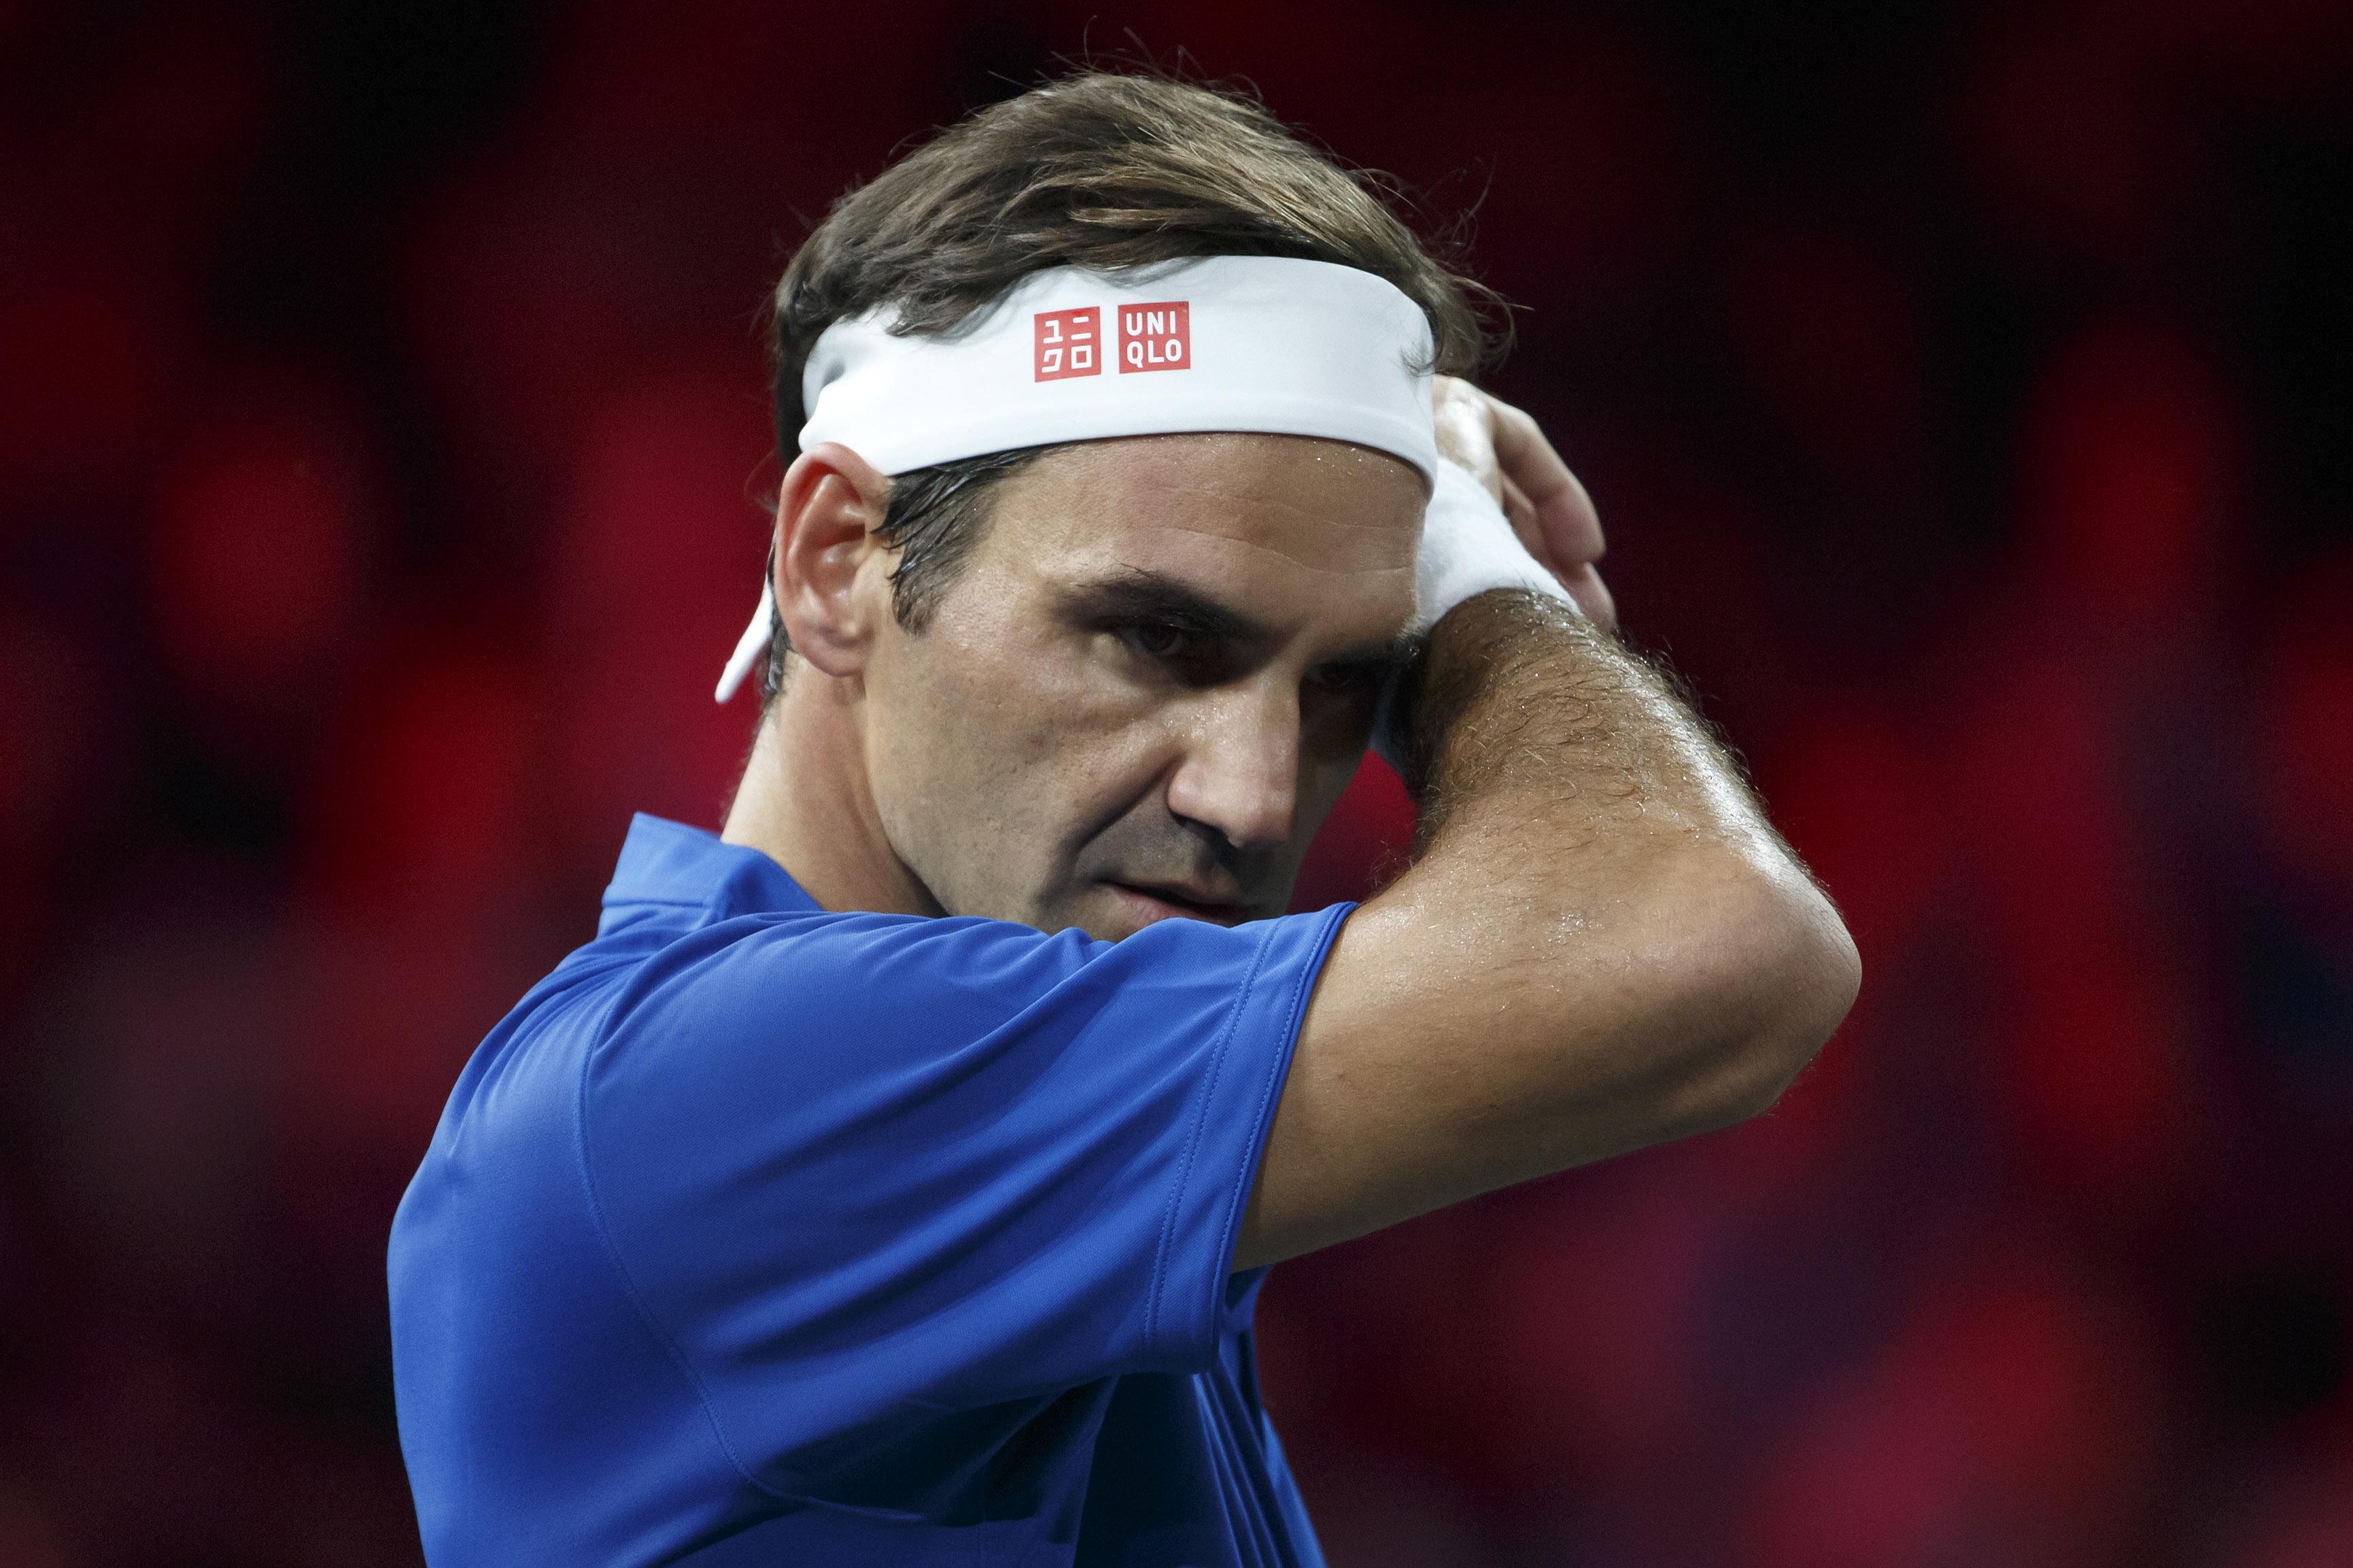 Tóquio2020. Federer anuncia participação nos Jogos em busca da medalha de ouro